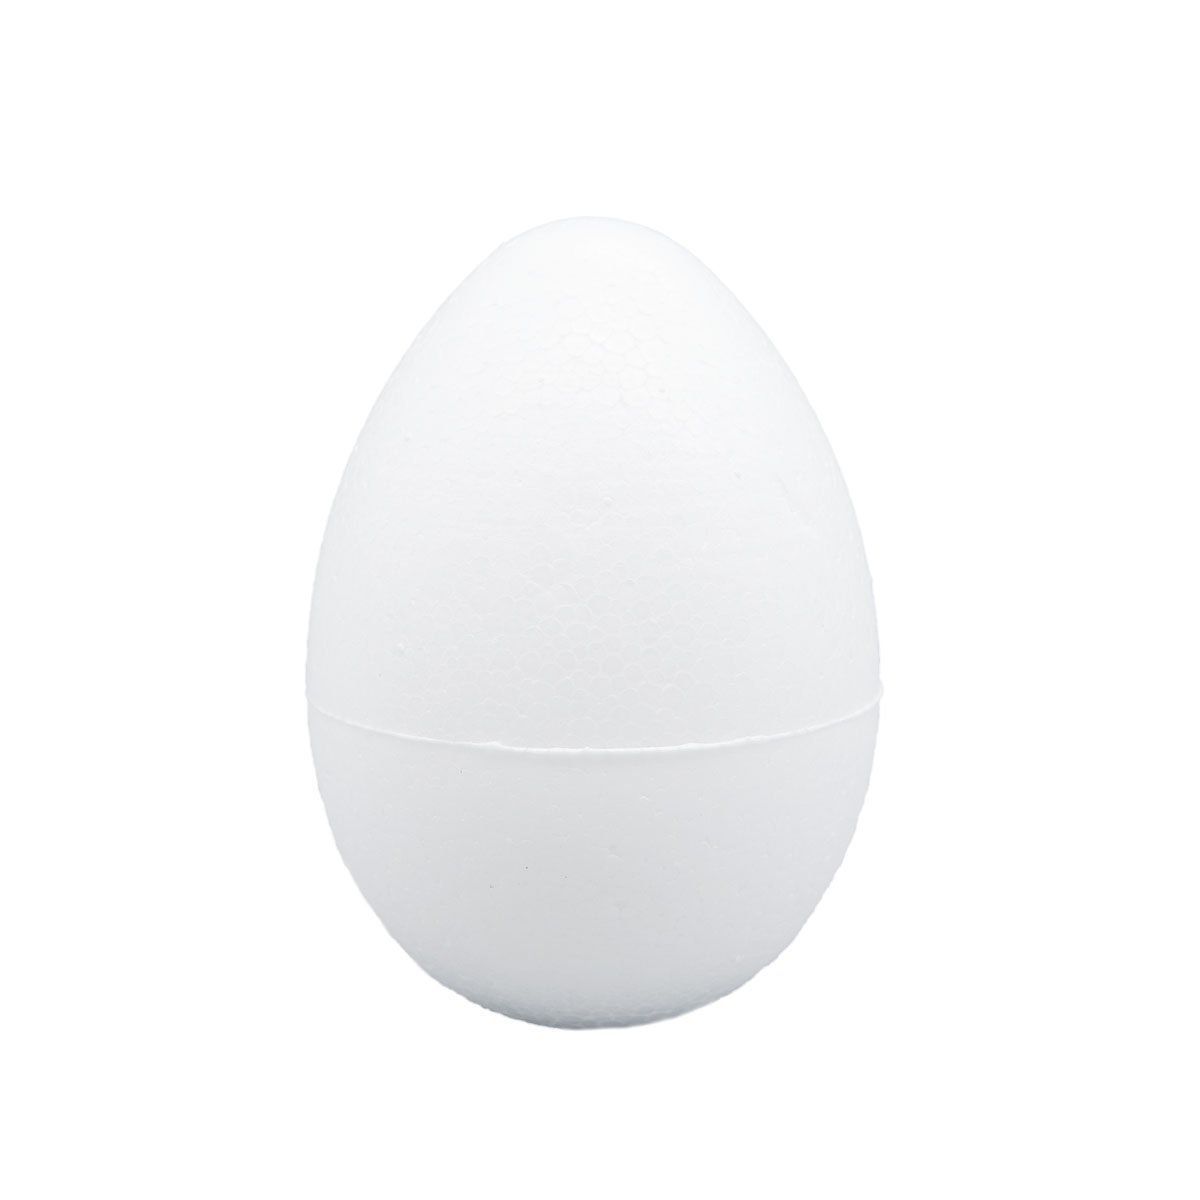 Заготовка для декорирования из пенопласта 'Яйцо', h 8см, d 5,5см